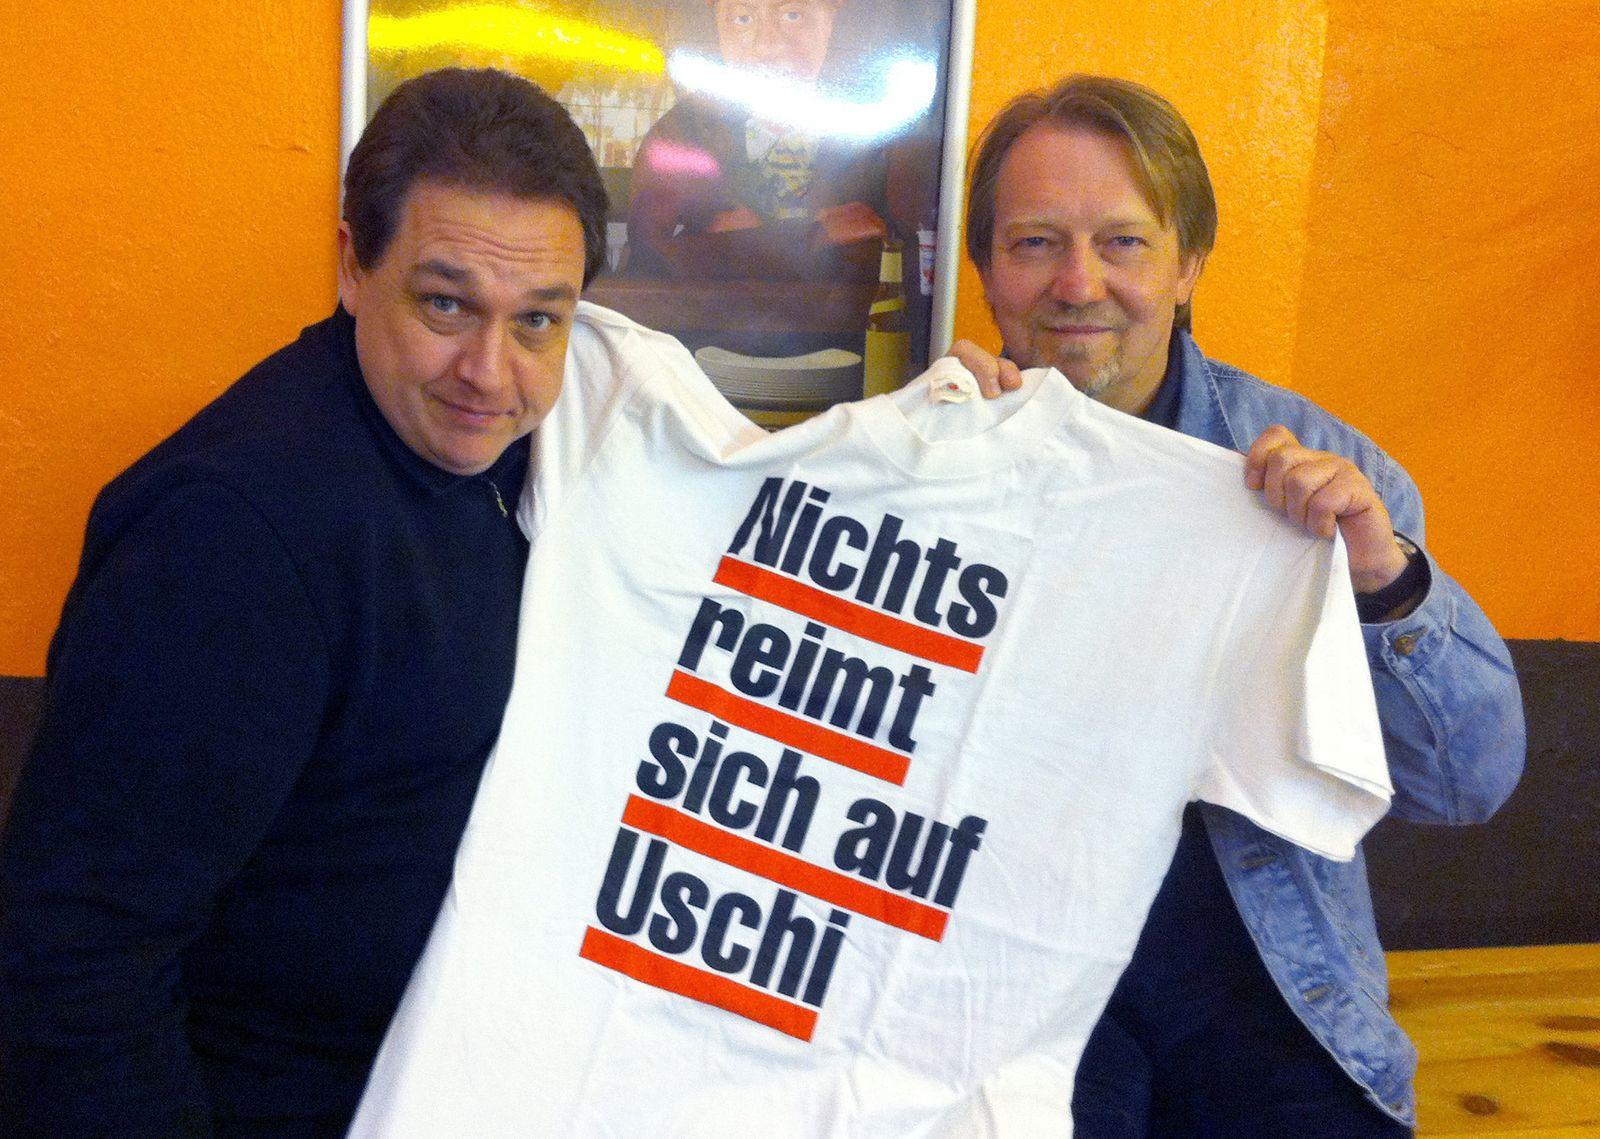 Die Sache mit Uschi/ T-Shirt